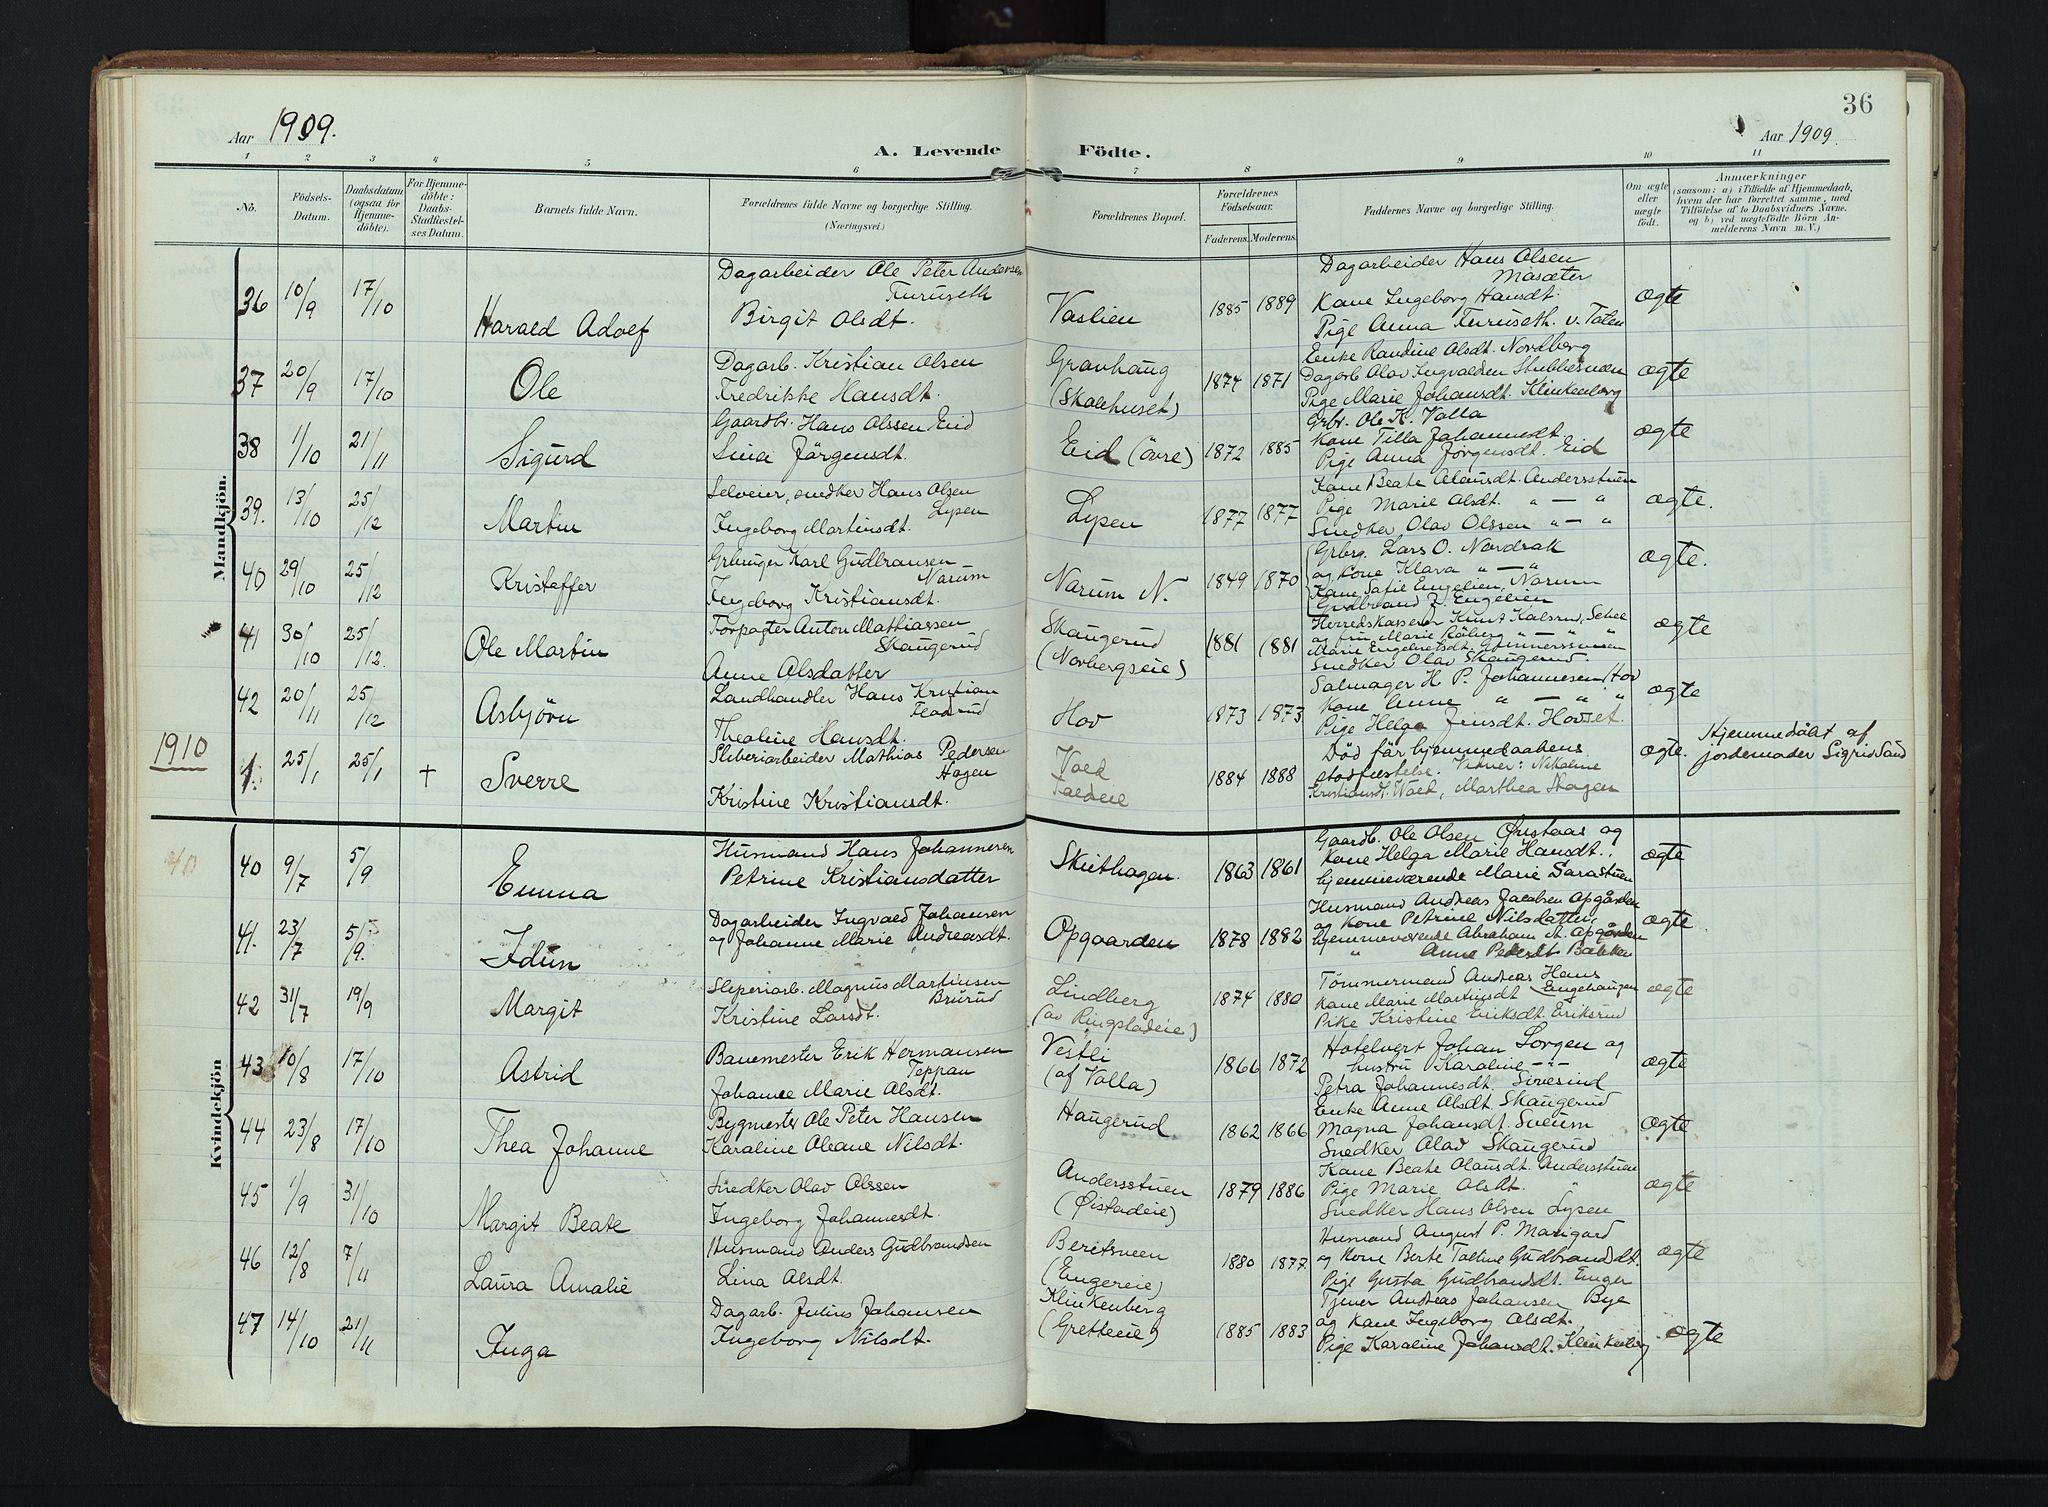 SAH, Søndre Land prestekontor, K/L0007: Ministerialbok nr. 7, 1905-1914, s. 36